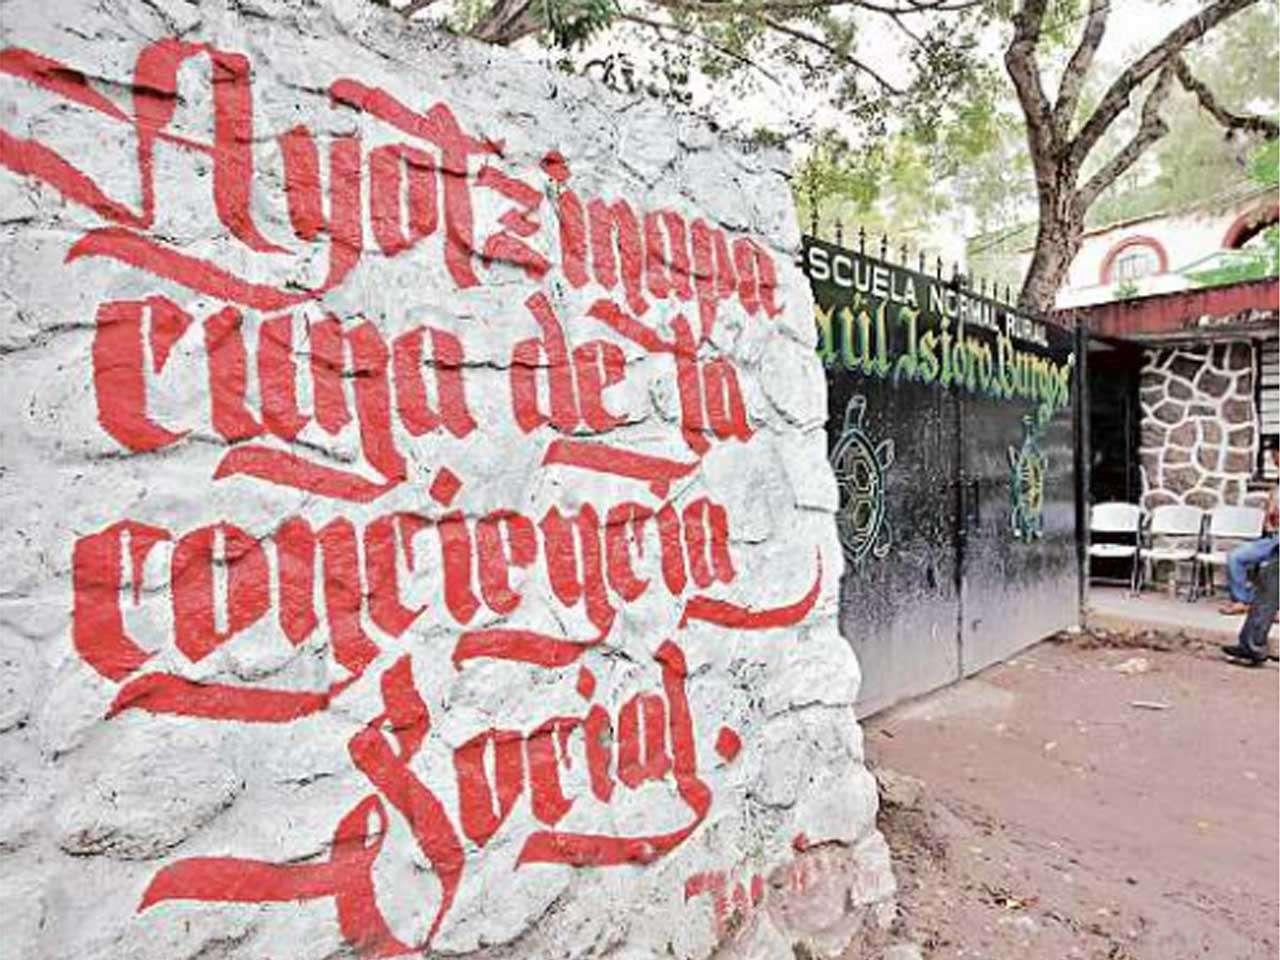 Se tiene previsto que hoy familiares de los normalistas se reúnan con el grupo de expertos de la CIDH en la Normal Rural Raúl Isidro Burgos de Ayotzinapa. Foto: Reforma